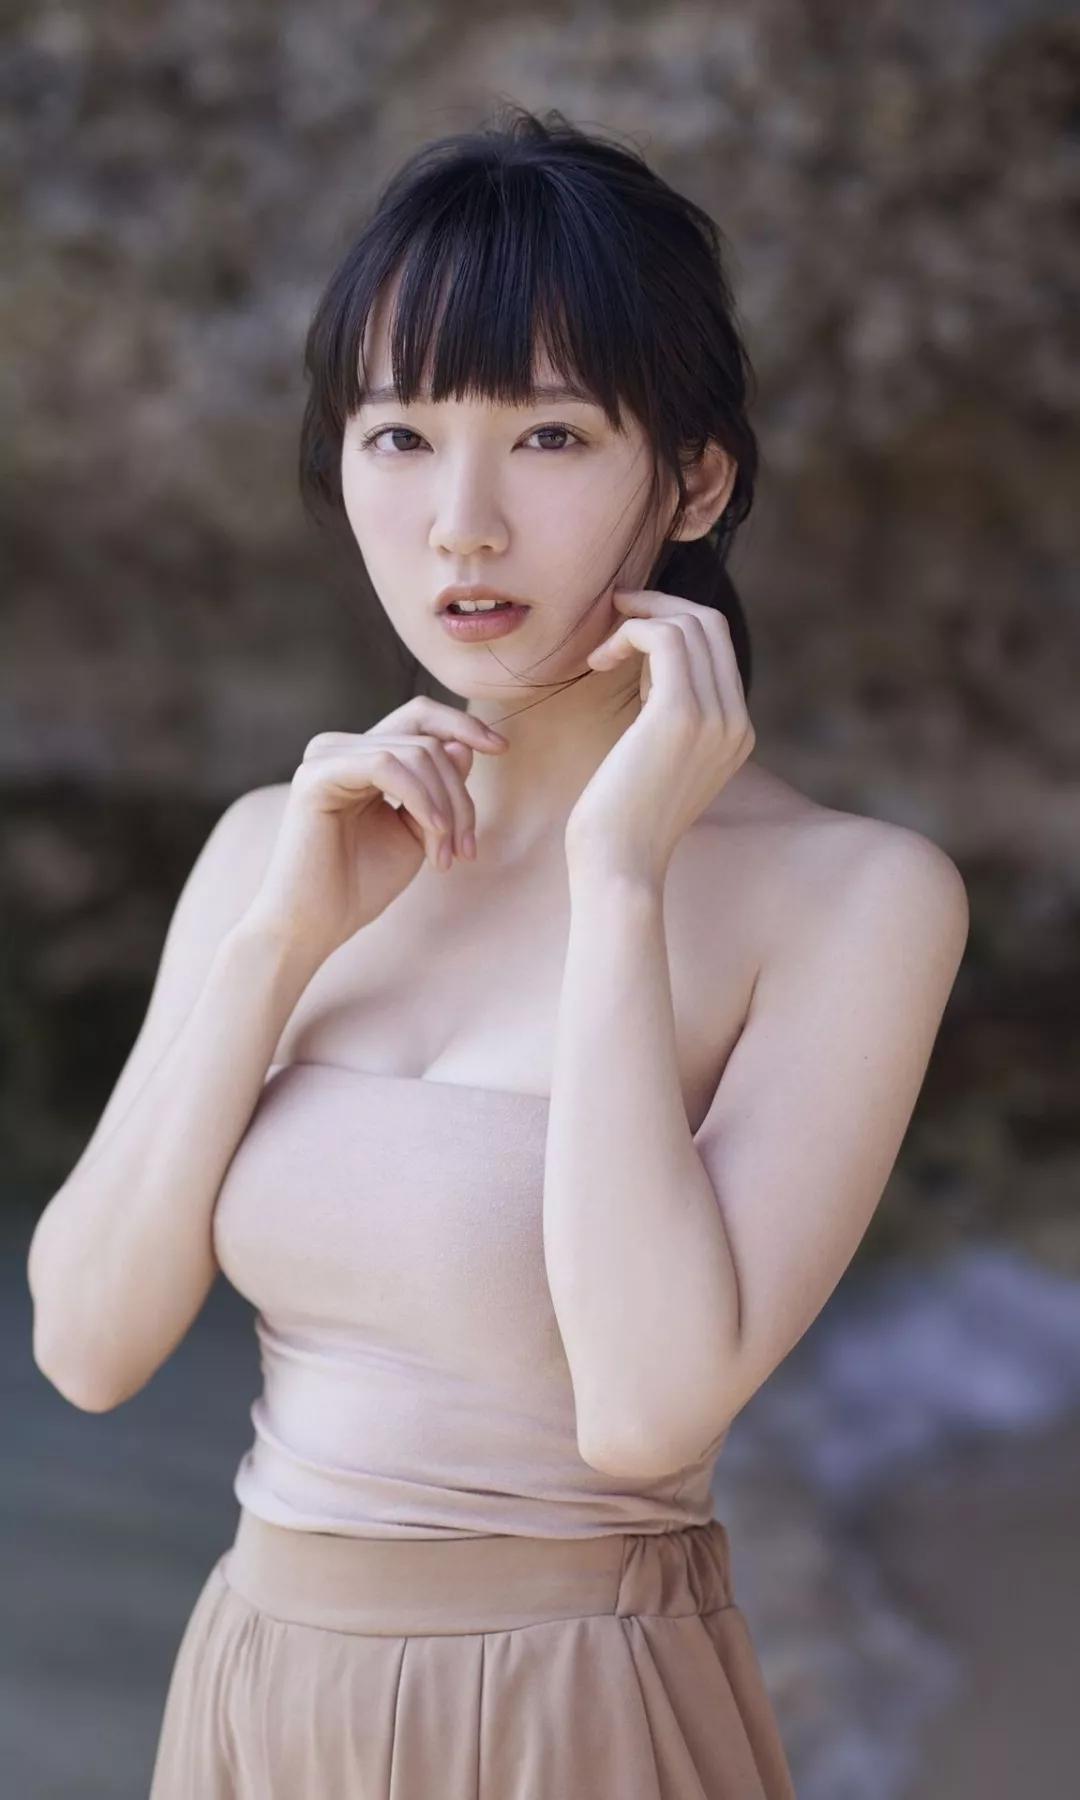 吉冈里帆 写真集Riho (21)